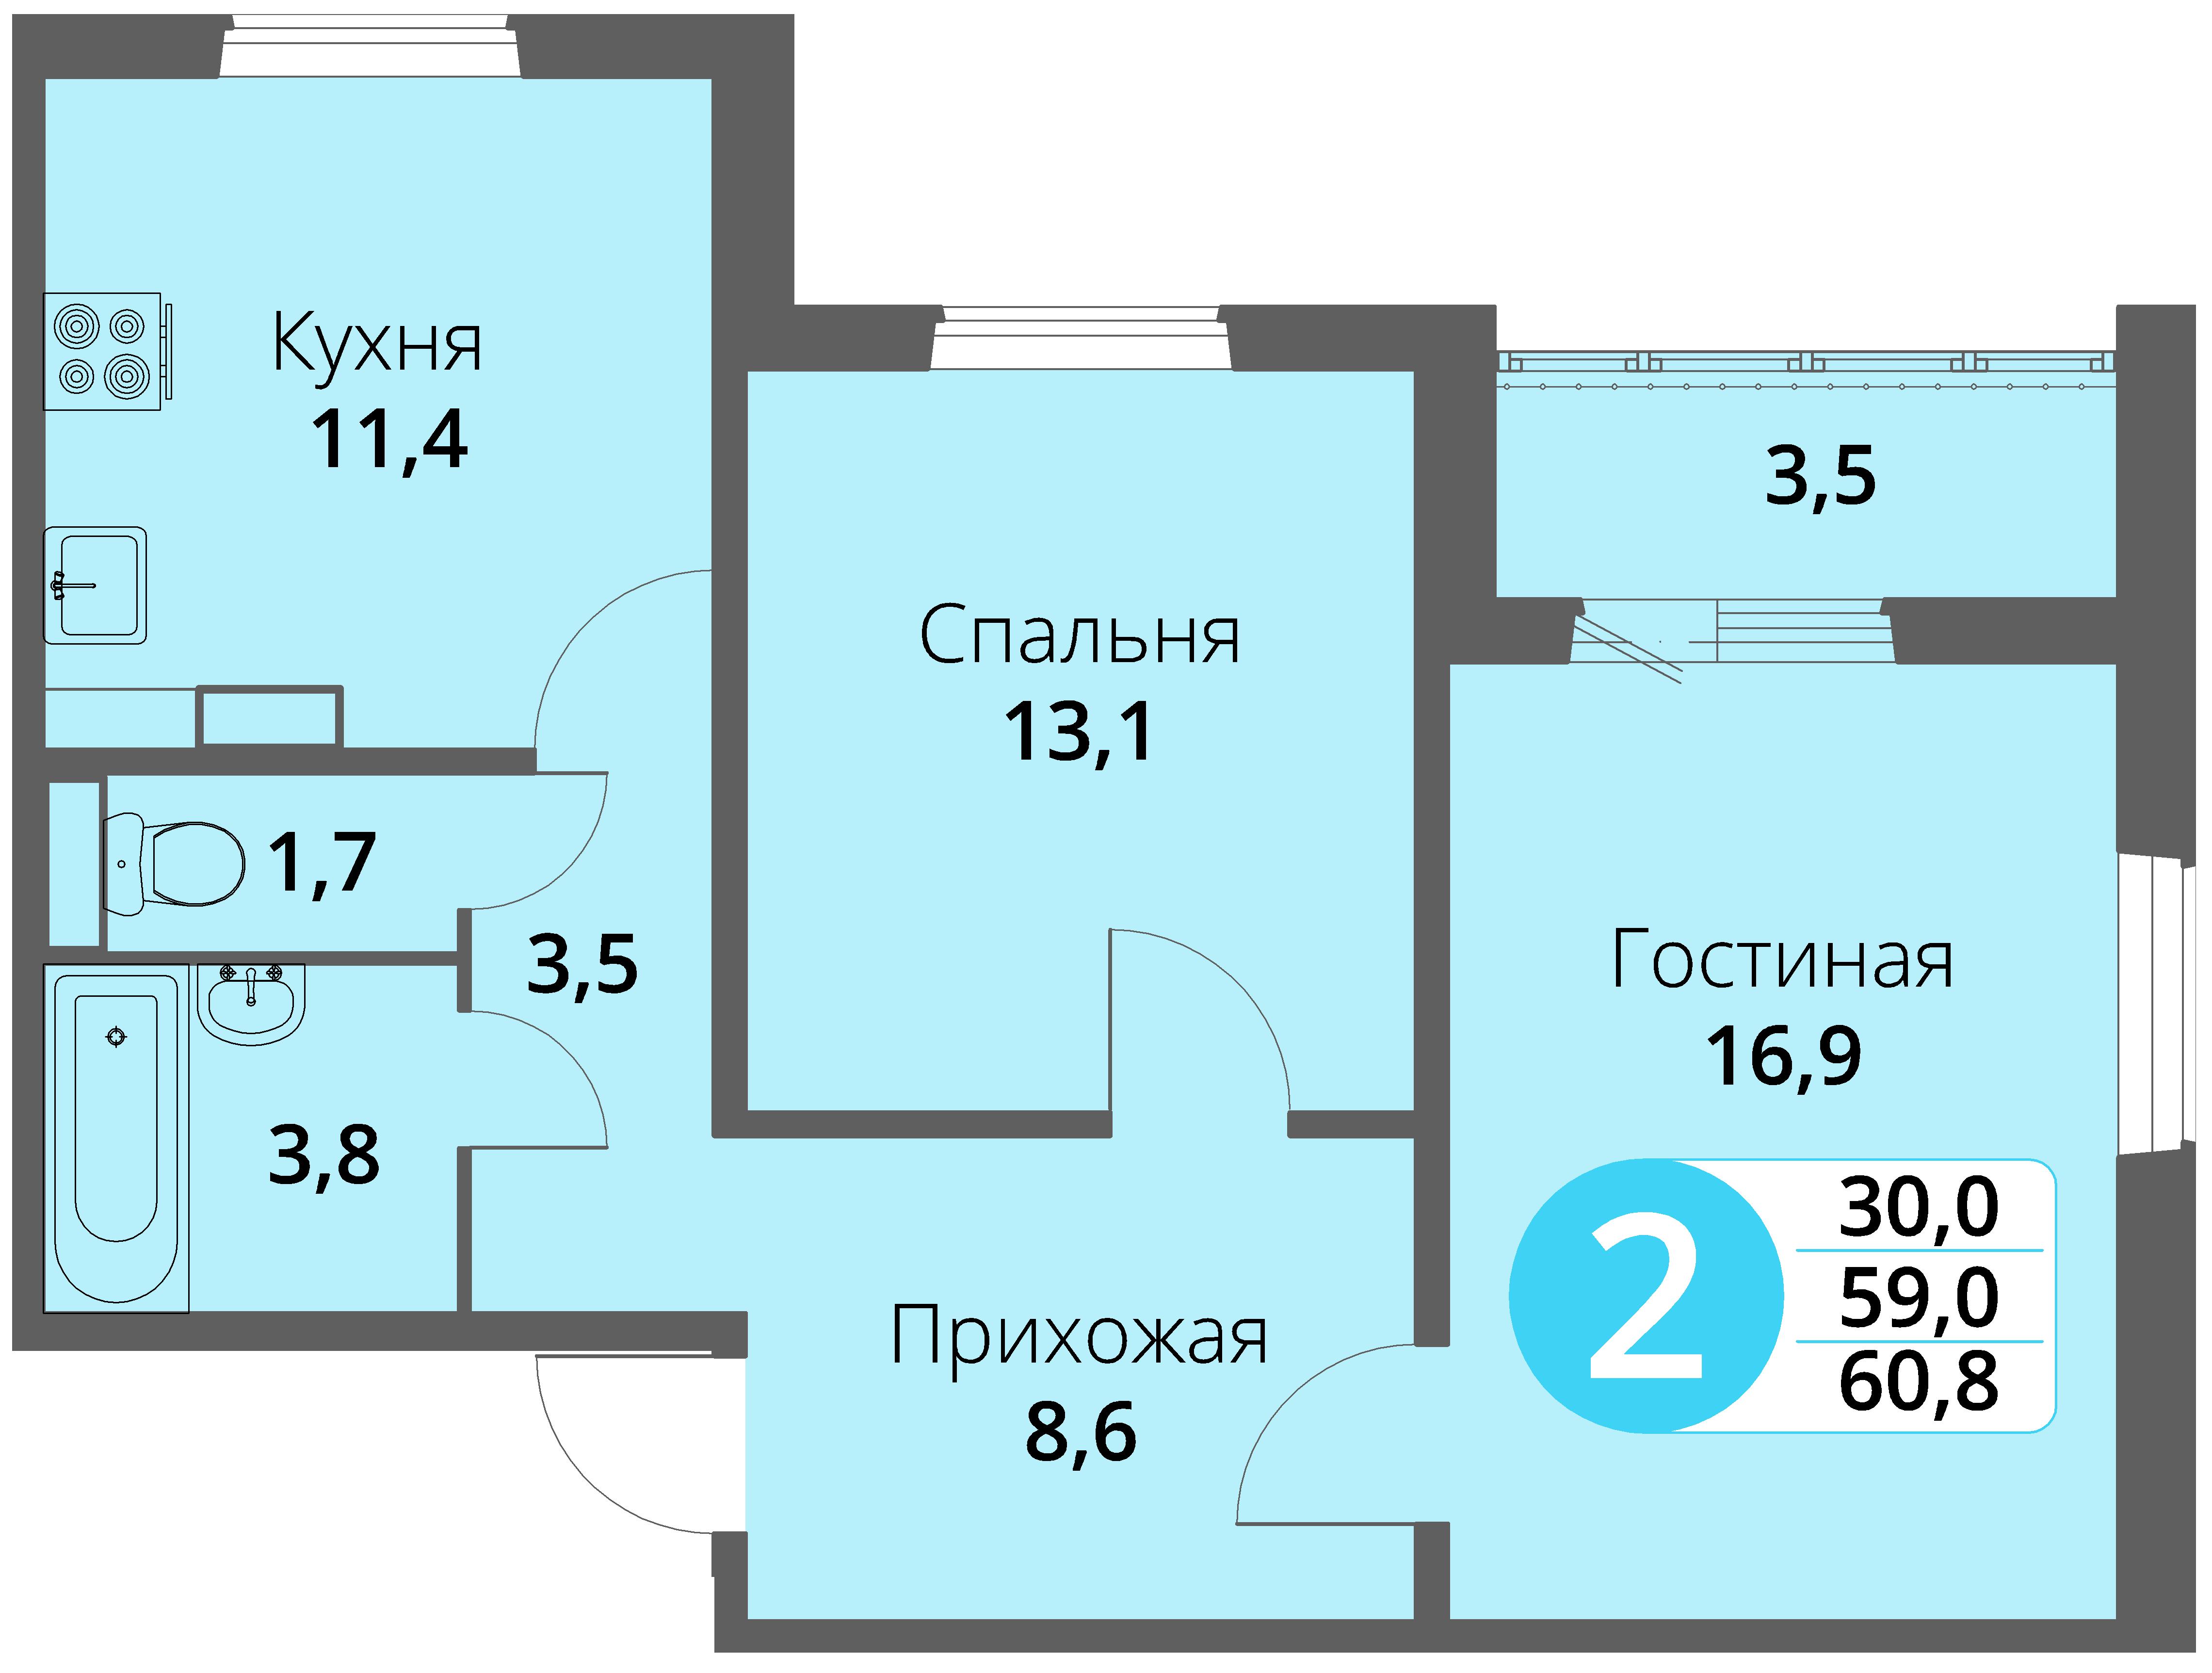 Зареченская 1-1, квартира 51 - Двухкомнатная